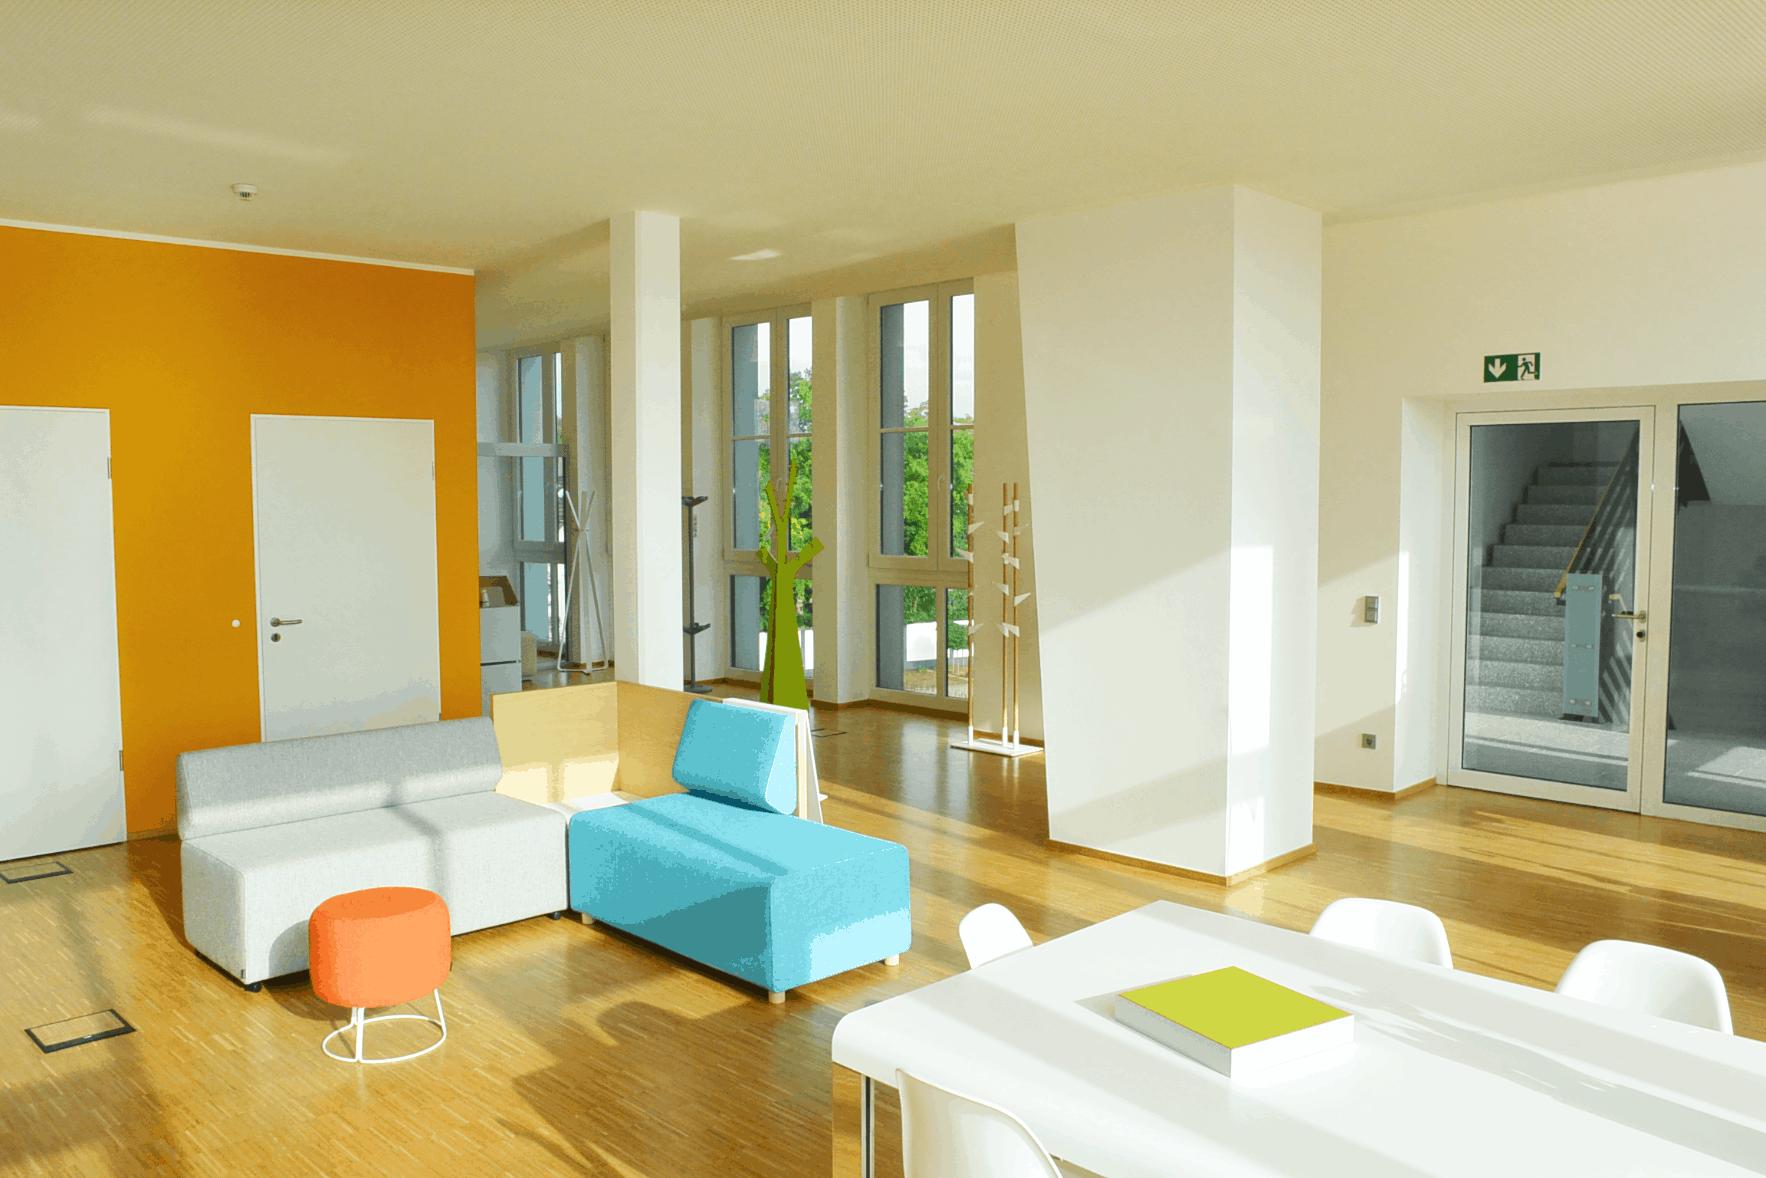 Dellbrück / Akustikplaner / Akustikexperte / Design / Innenausstatter